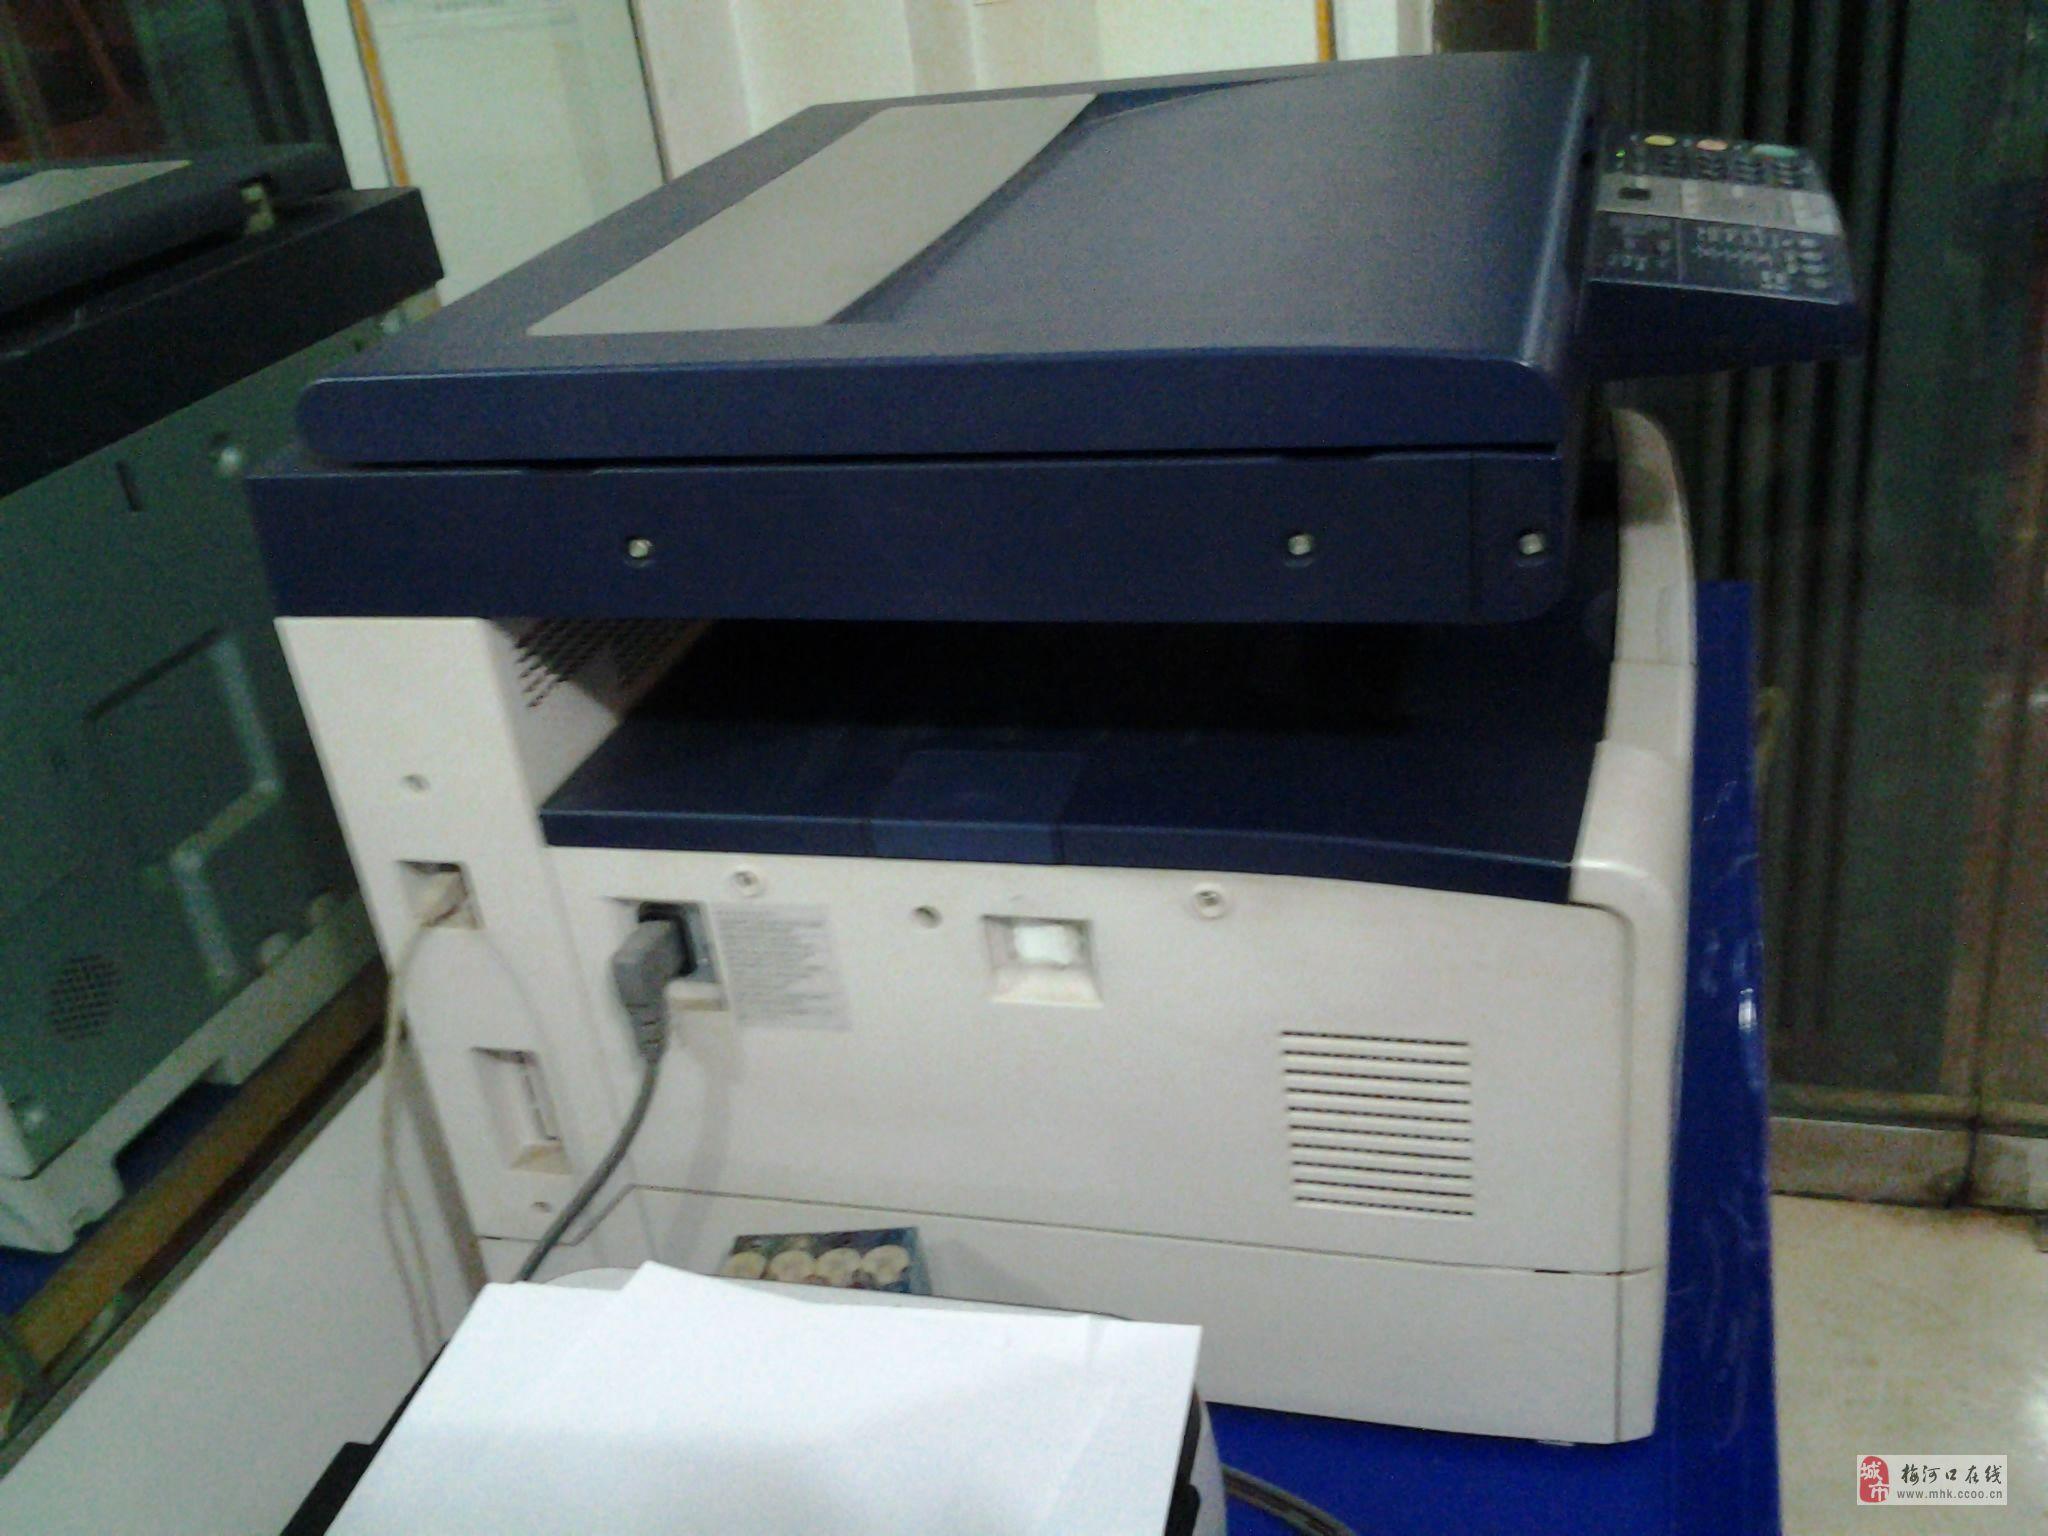 出售東芝9成新復印一體機(帶聯機打印)